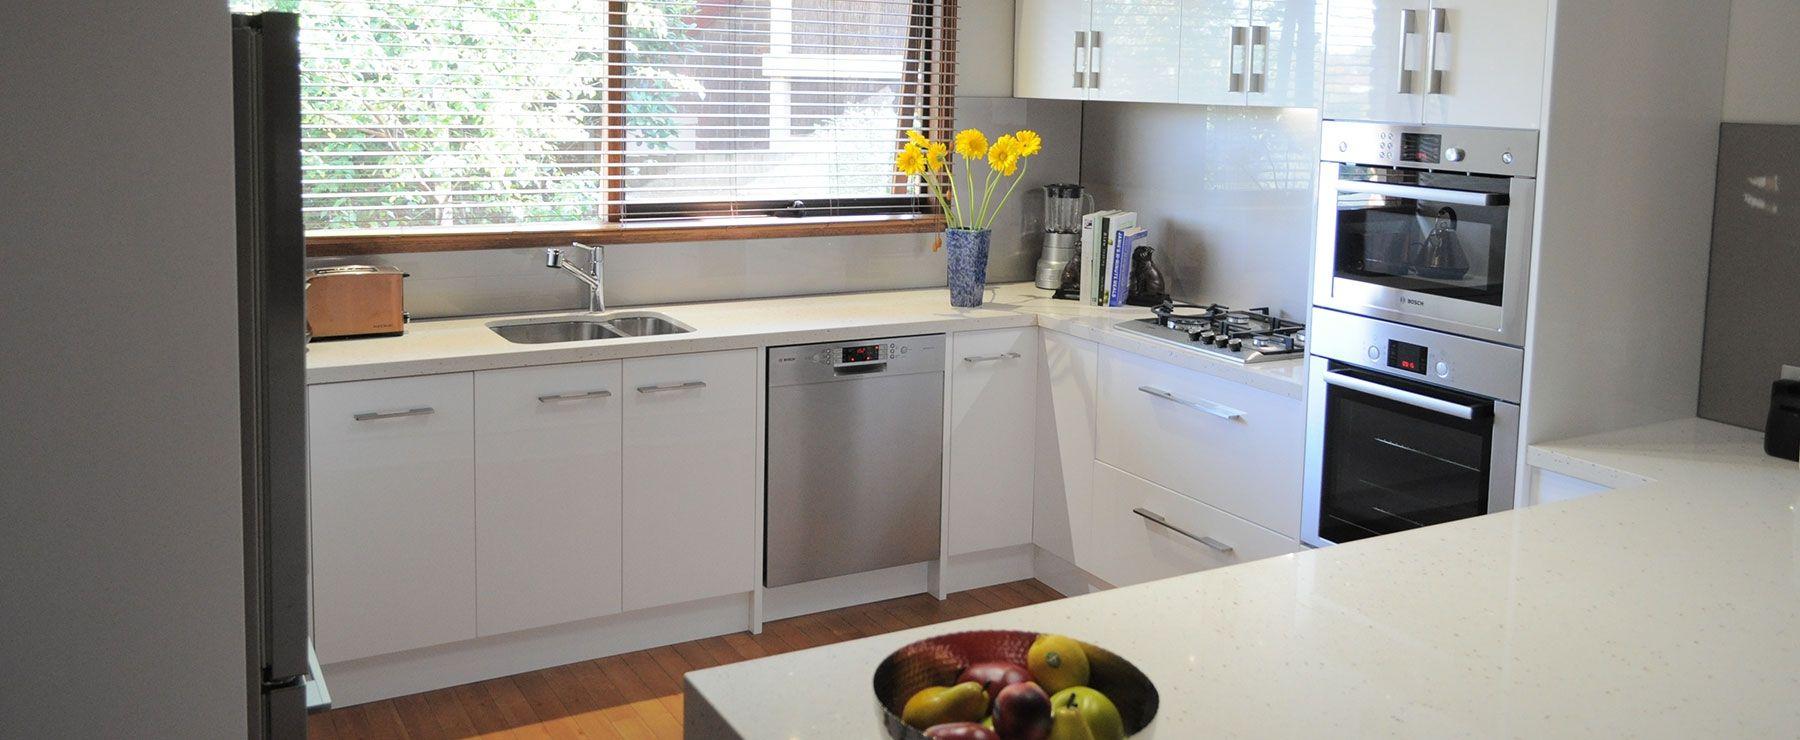 Groß Budget Flat Pack Küchen Sydney Zeitgenössisch - Ideen Für Die ...